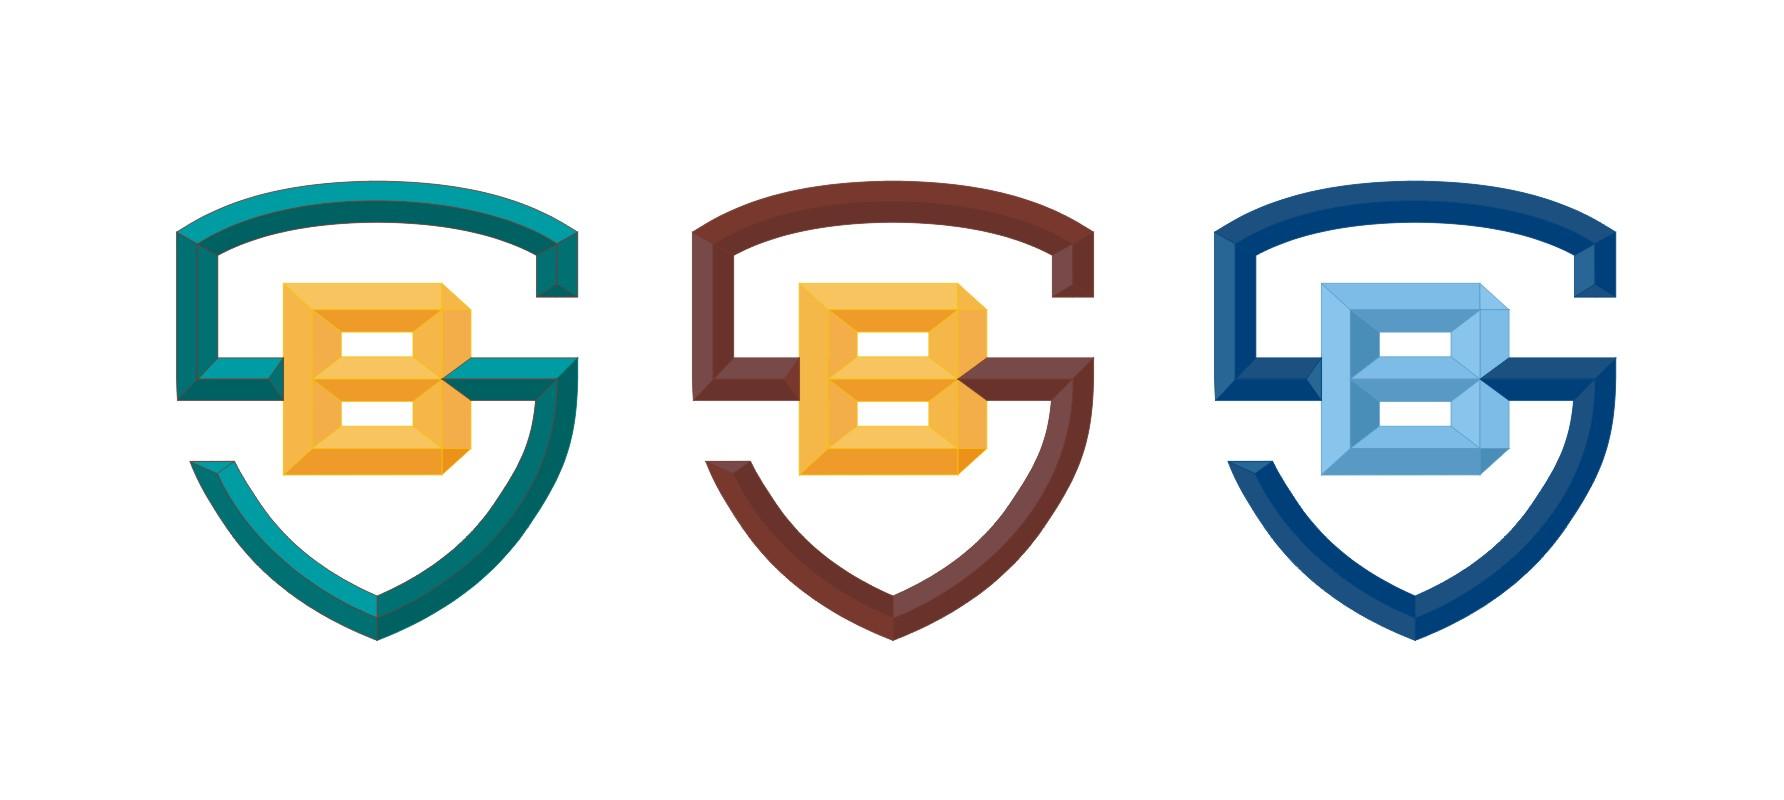 Логотип + Визитка Портала безопасных сделок фото f_307535e18ff050a5.jpg